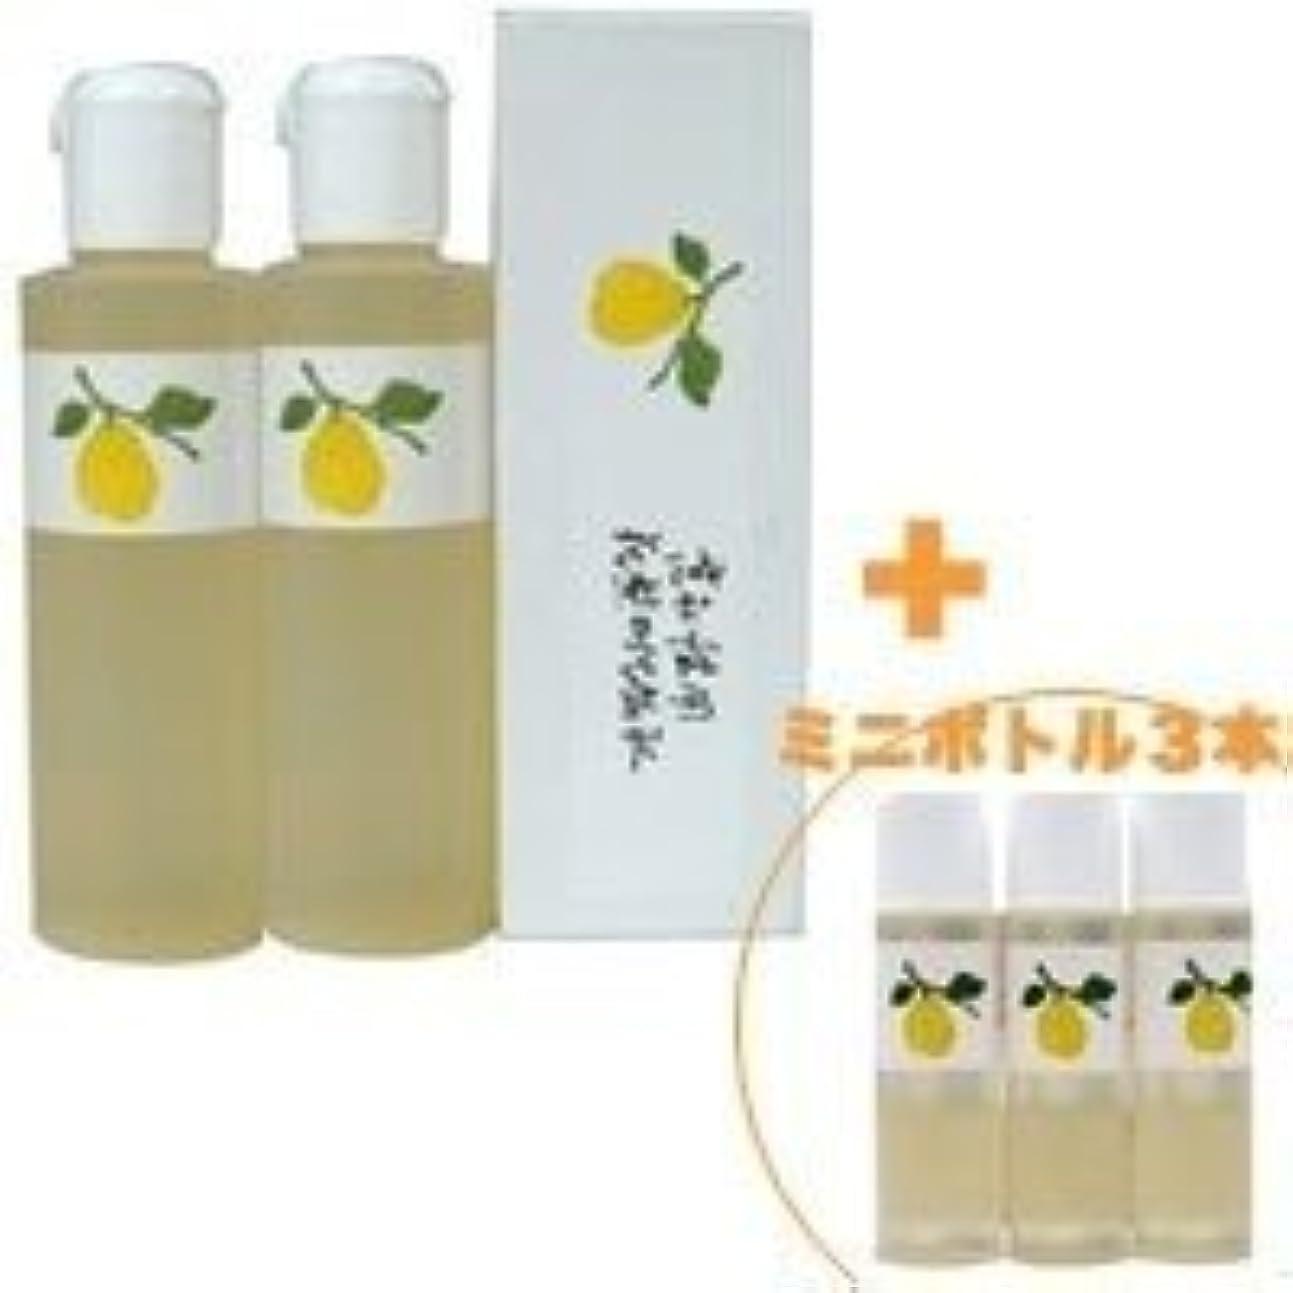 九パリティ不公平花梨の化粧水 200ml 2本&ミニボトル 3本 美容液 栄養クリームのいらないお肌へ 保湿と乾燥対策に